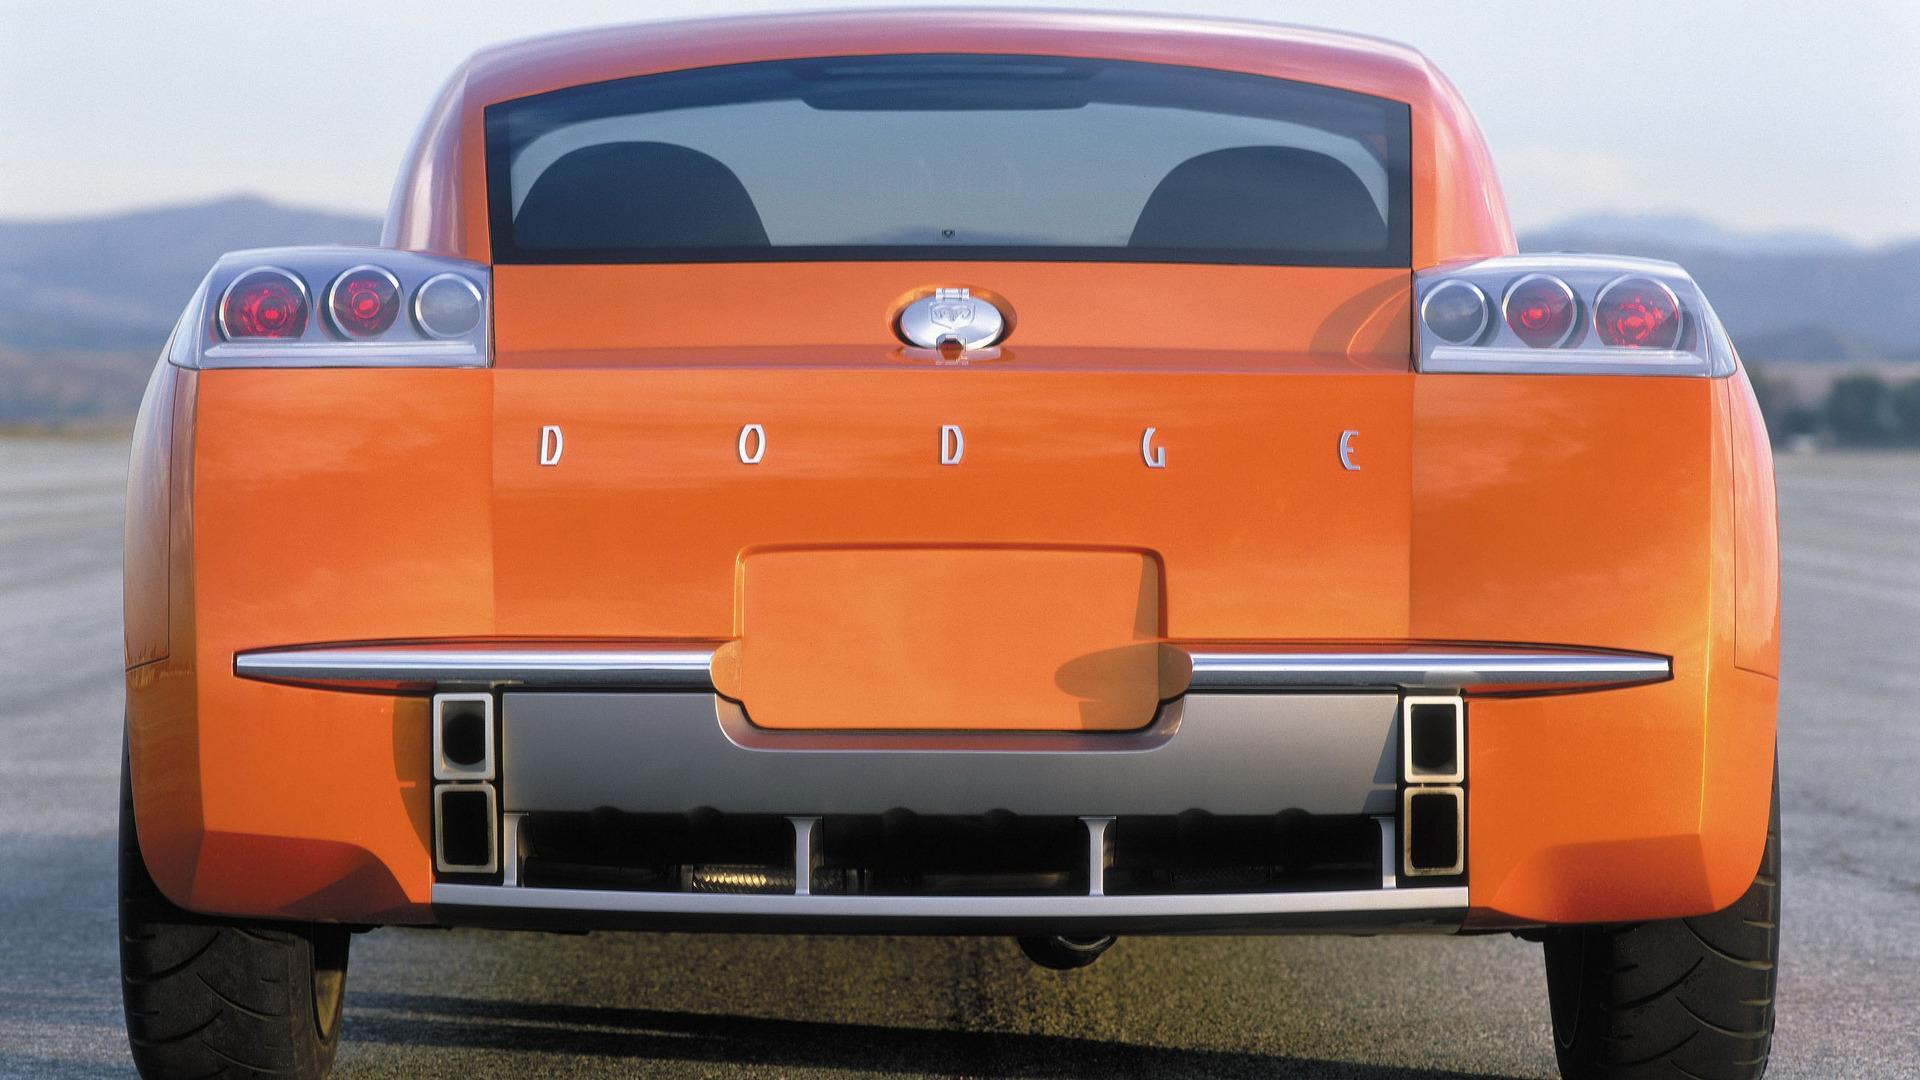 2002 Dodge Razor Concept Vehicle